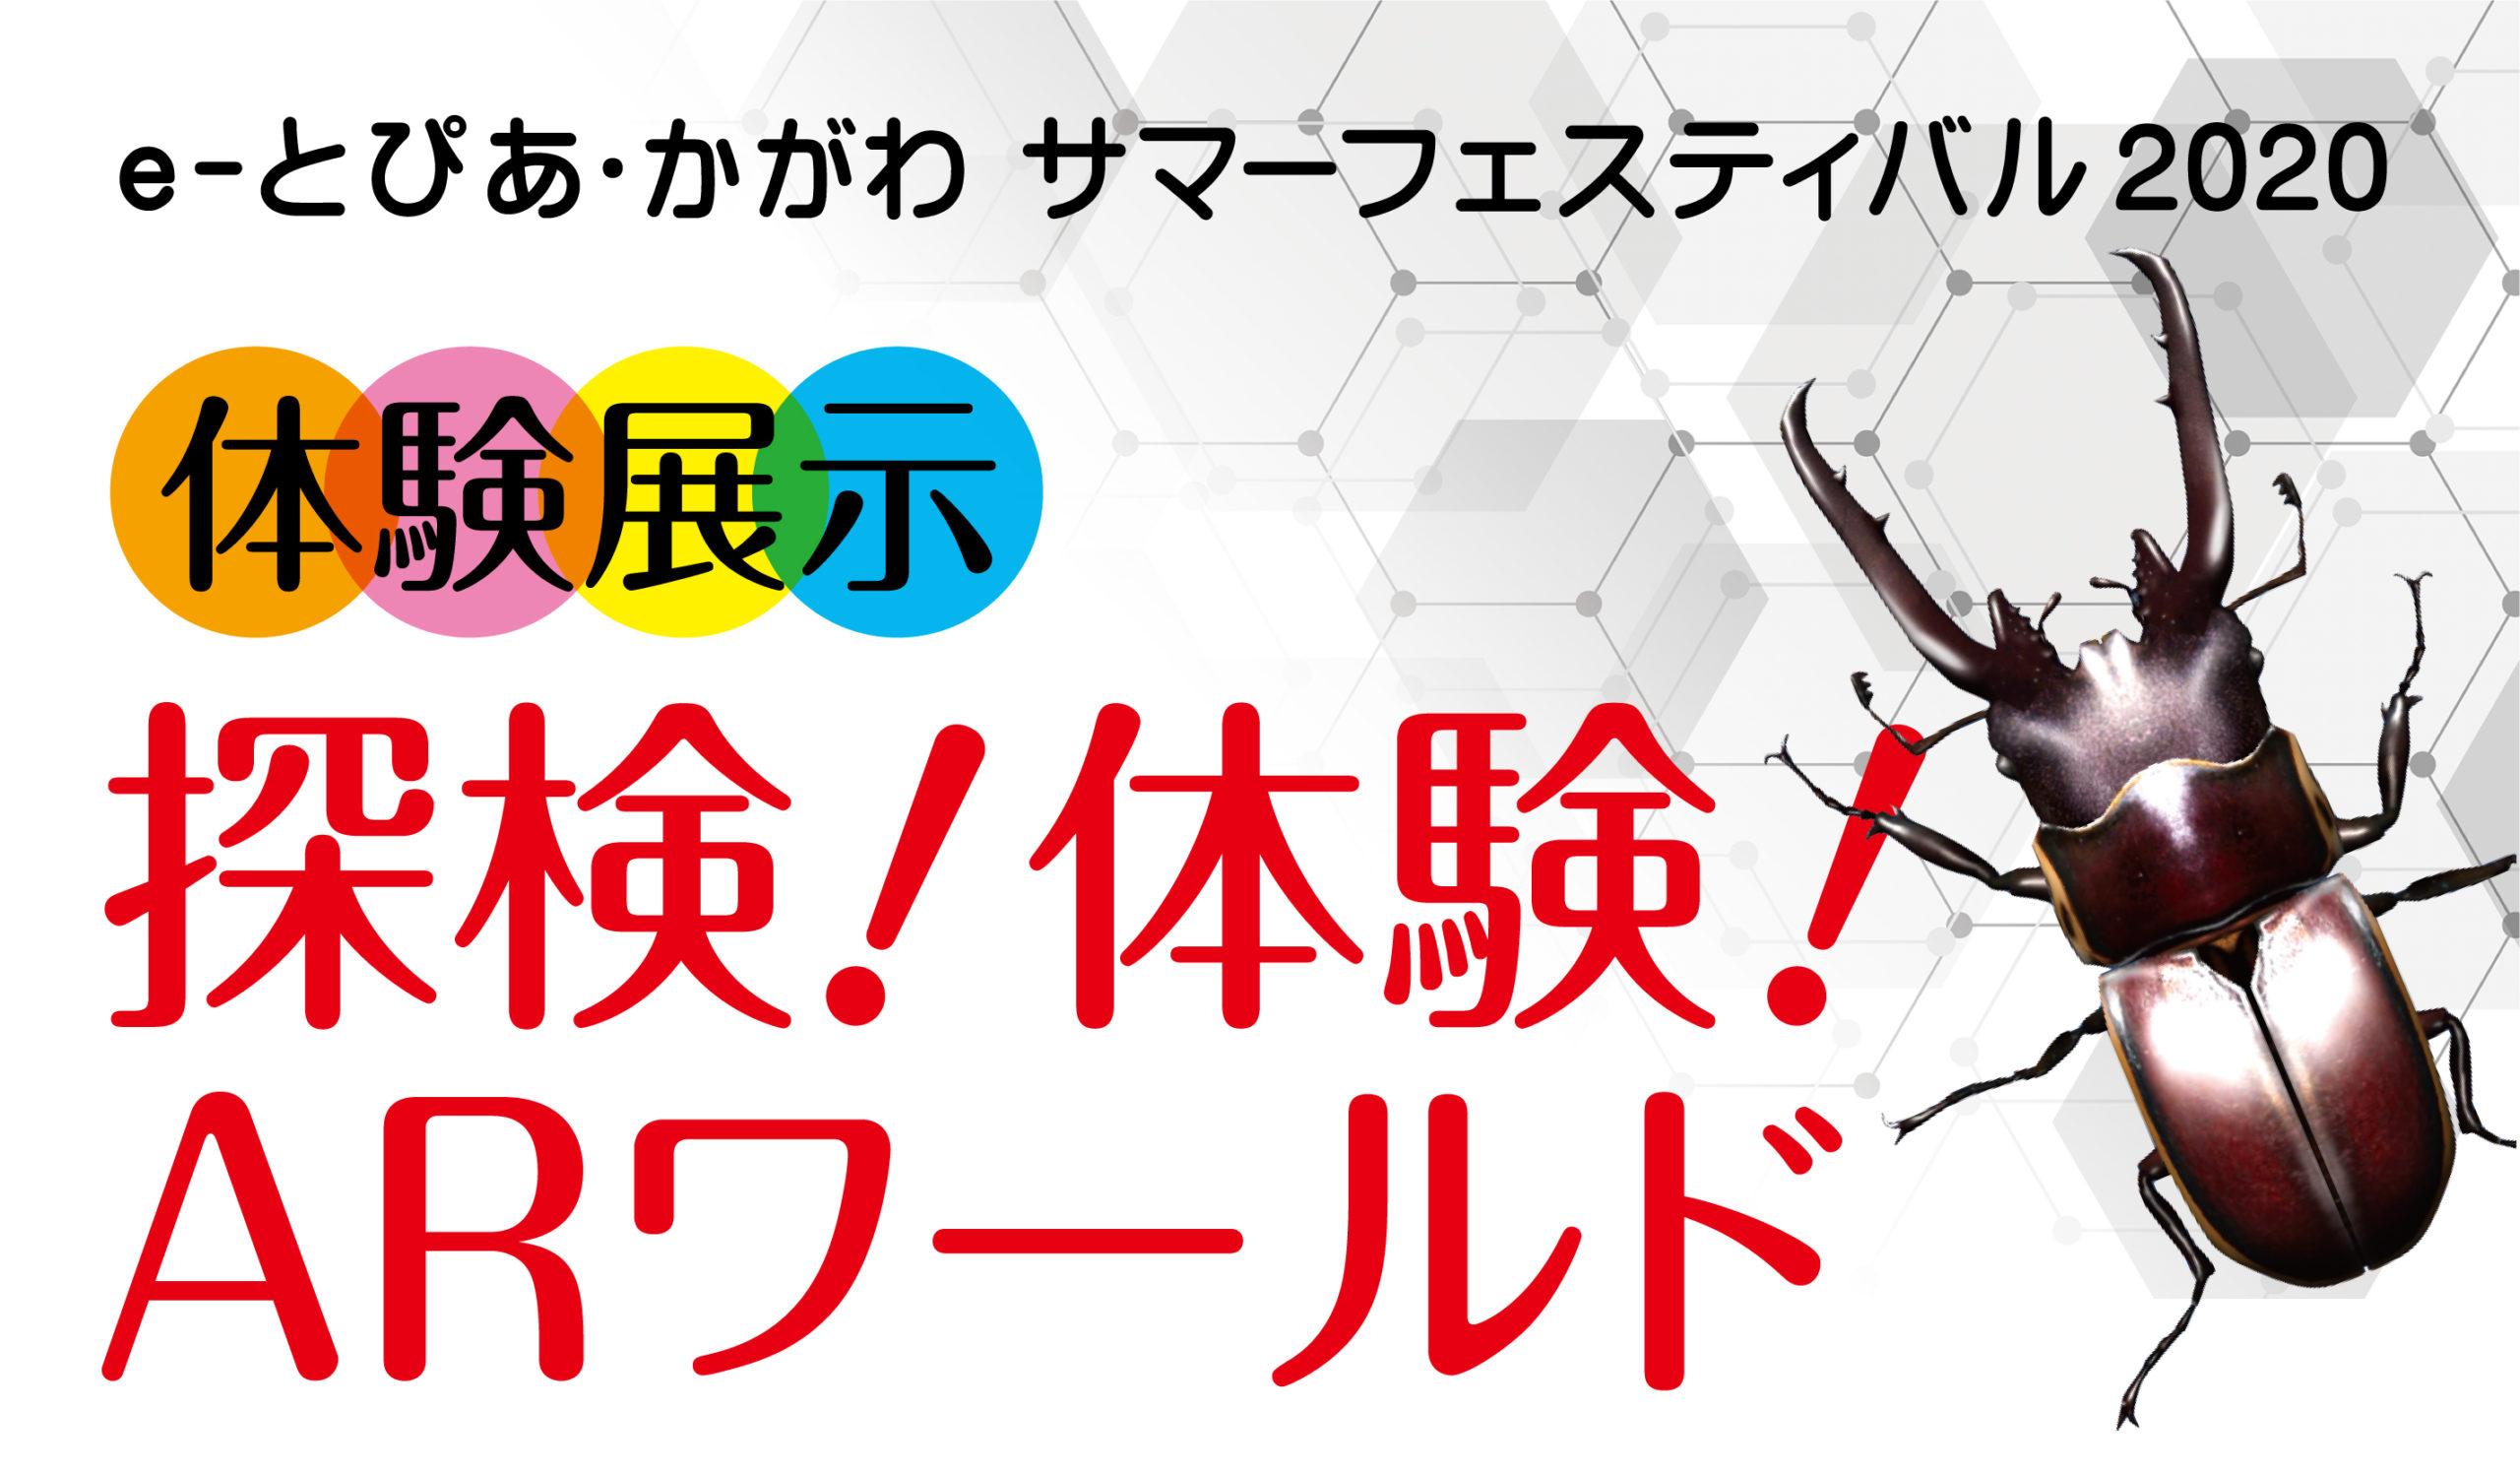 e-とぴあ・かがわ サマーフェスティバル2020